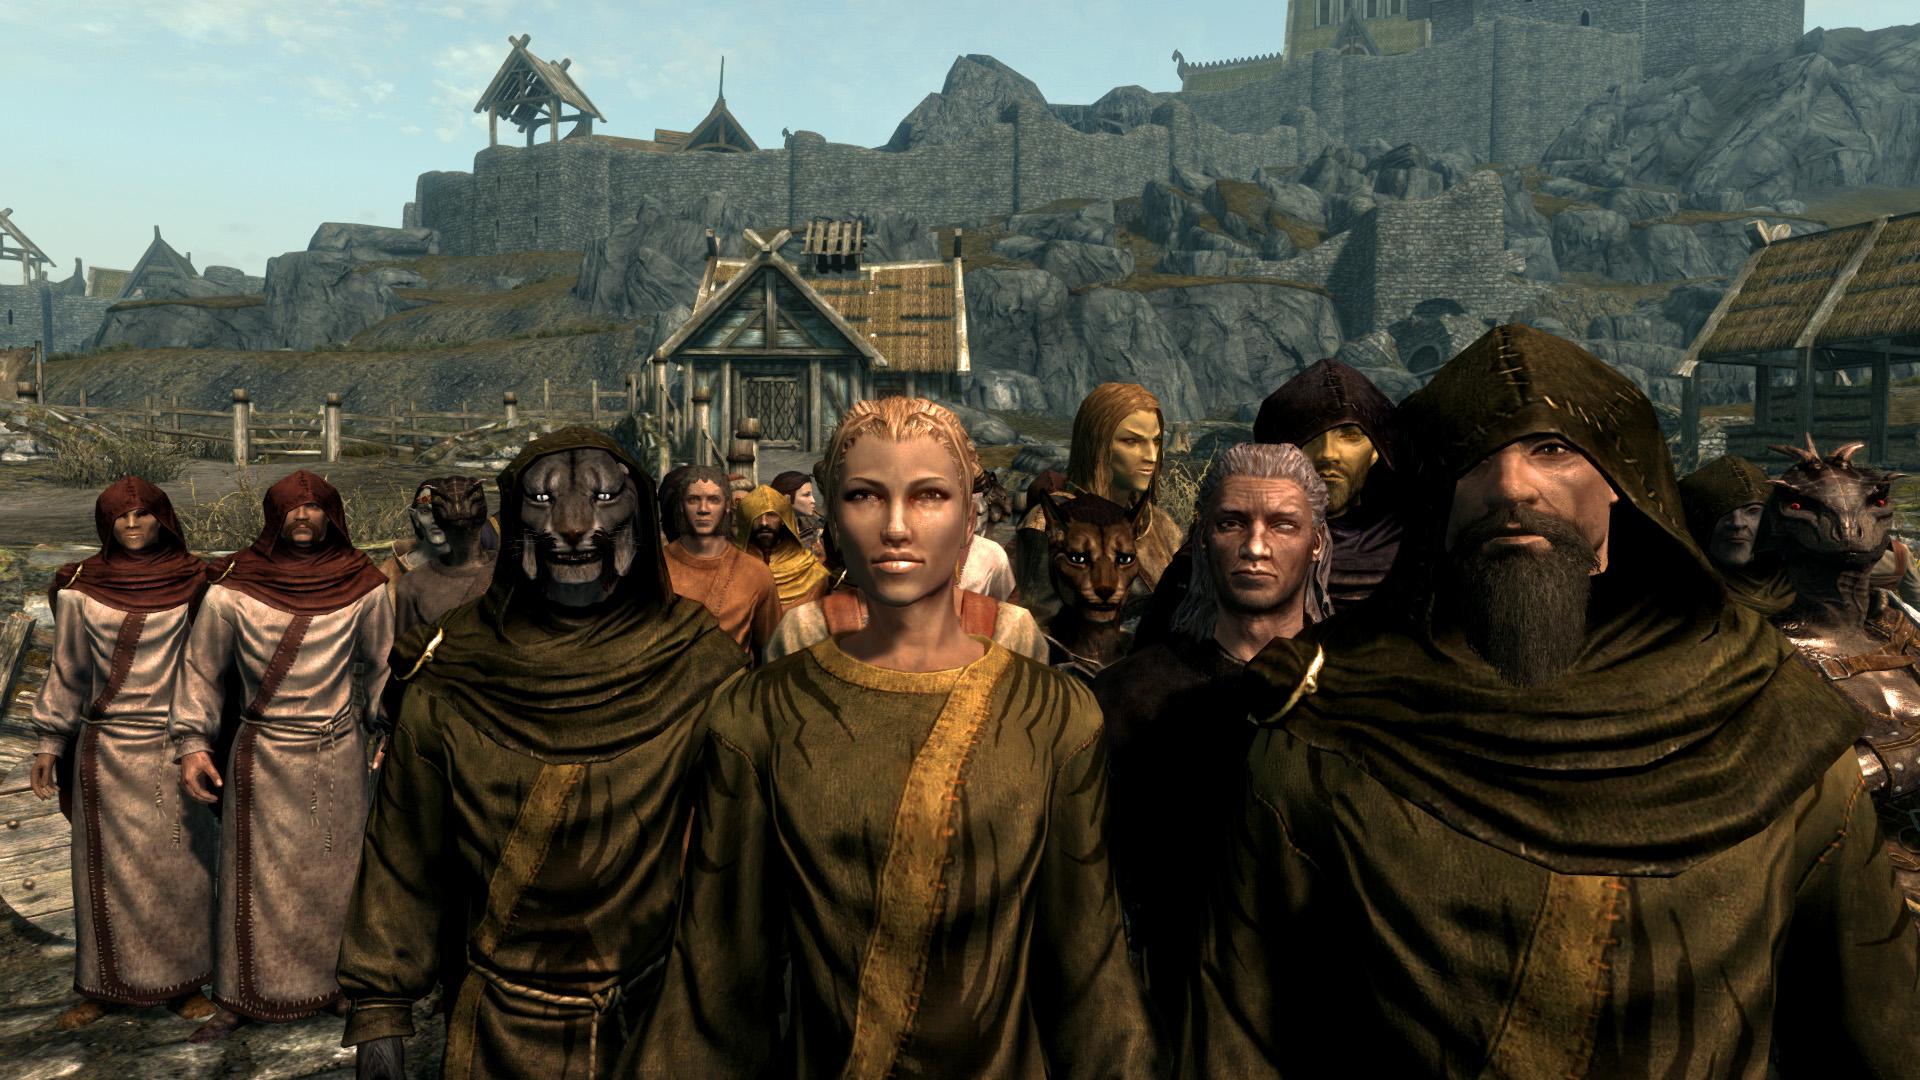 the best skyrim mods: travelers of skryim